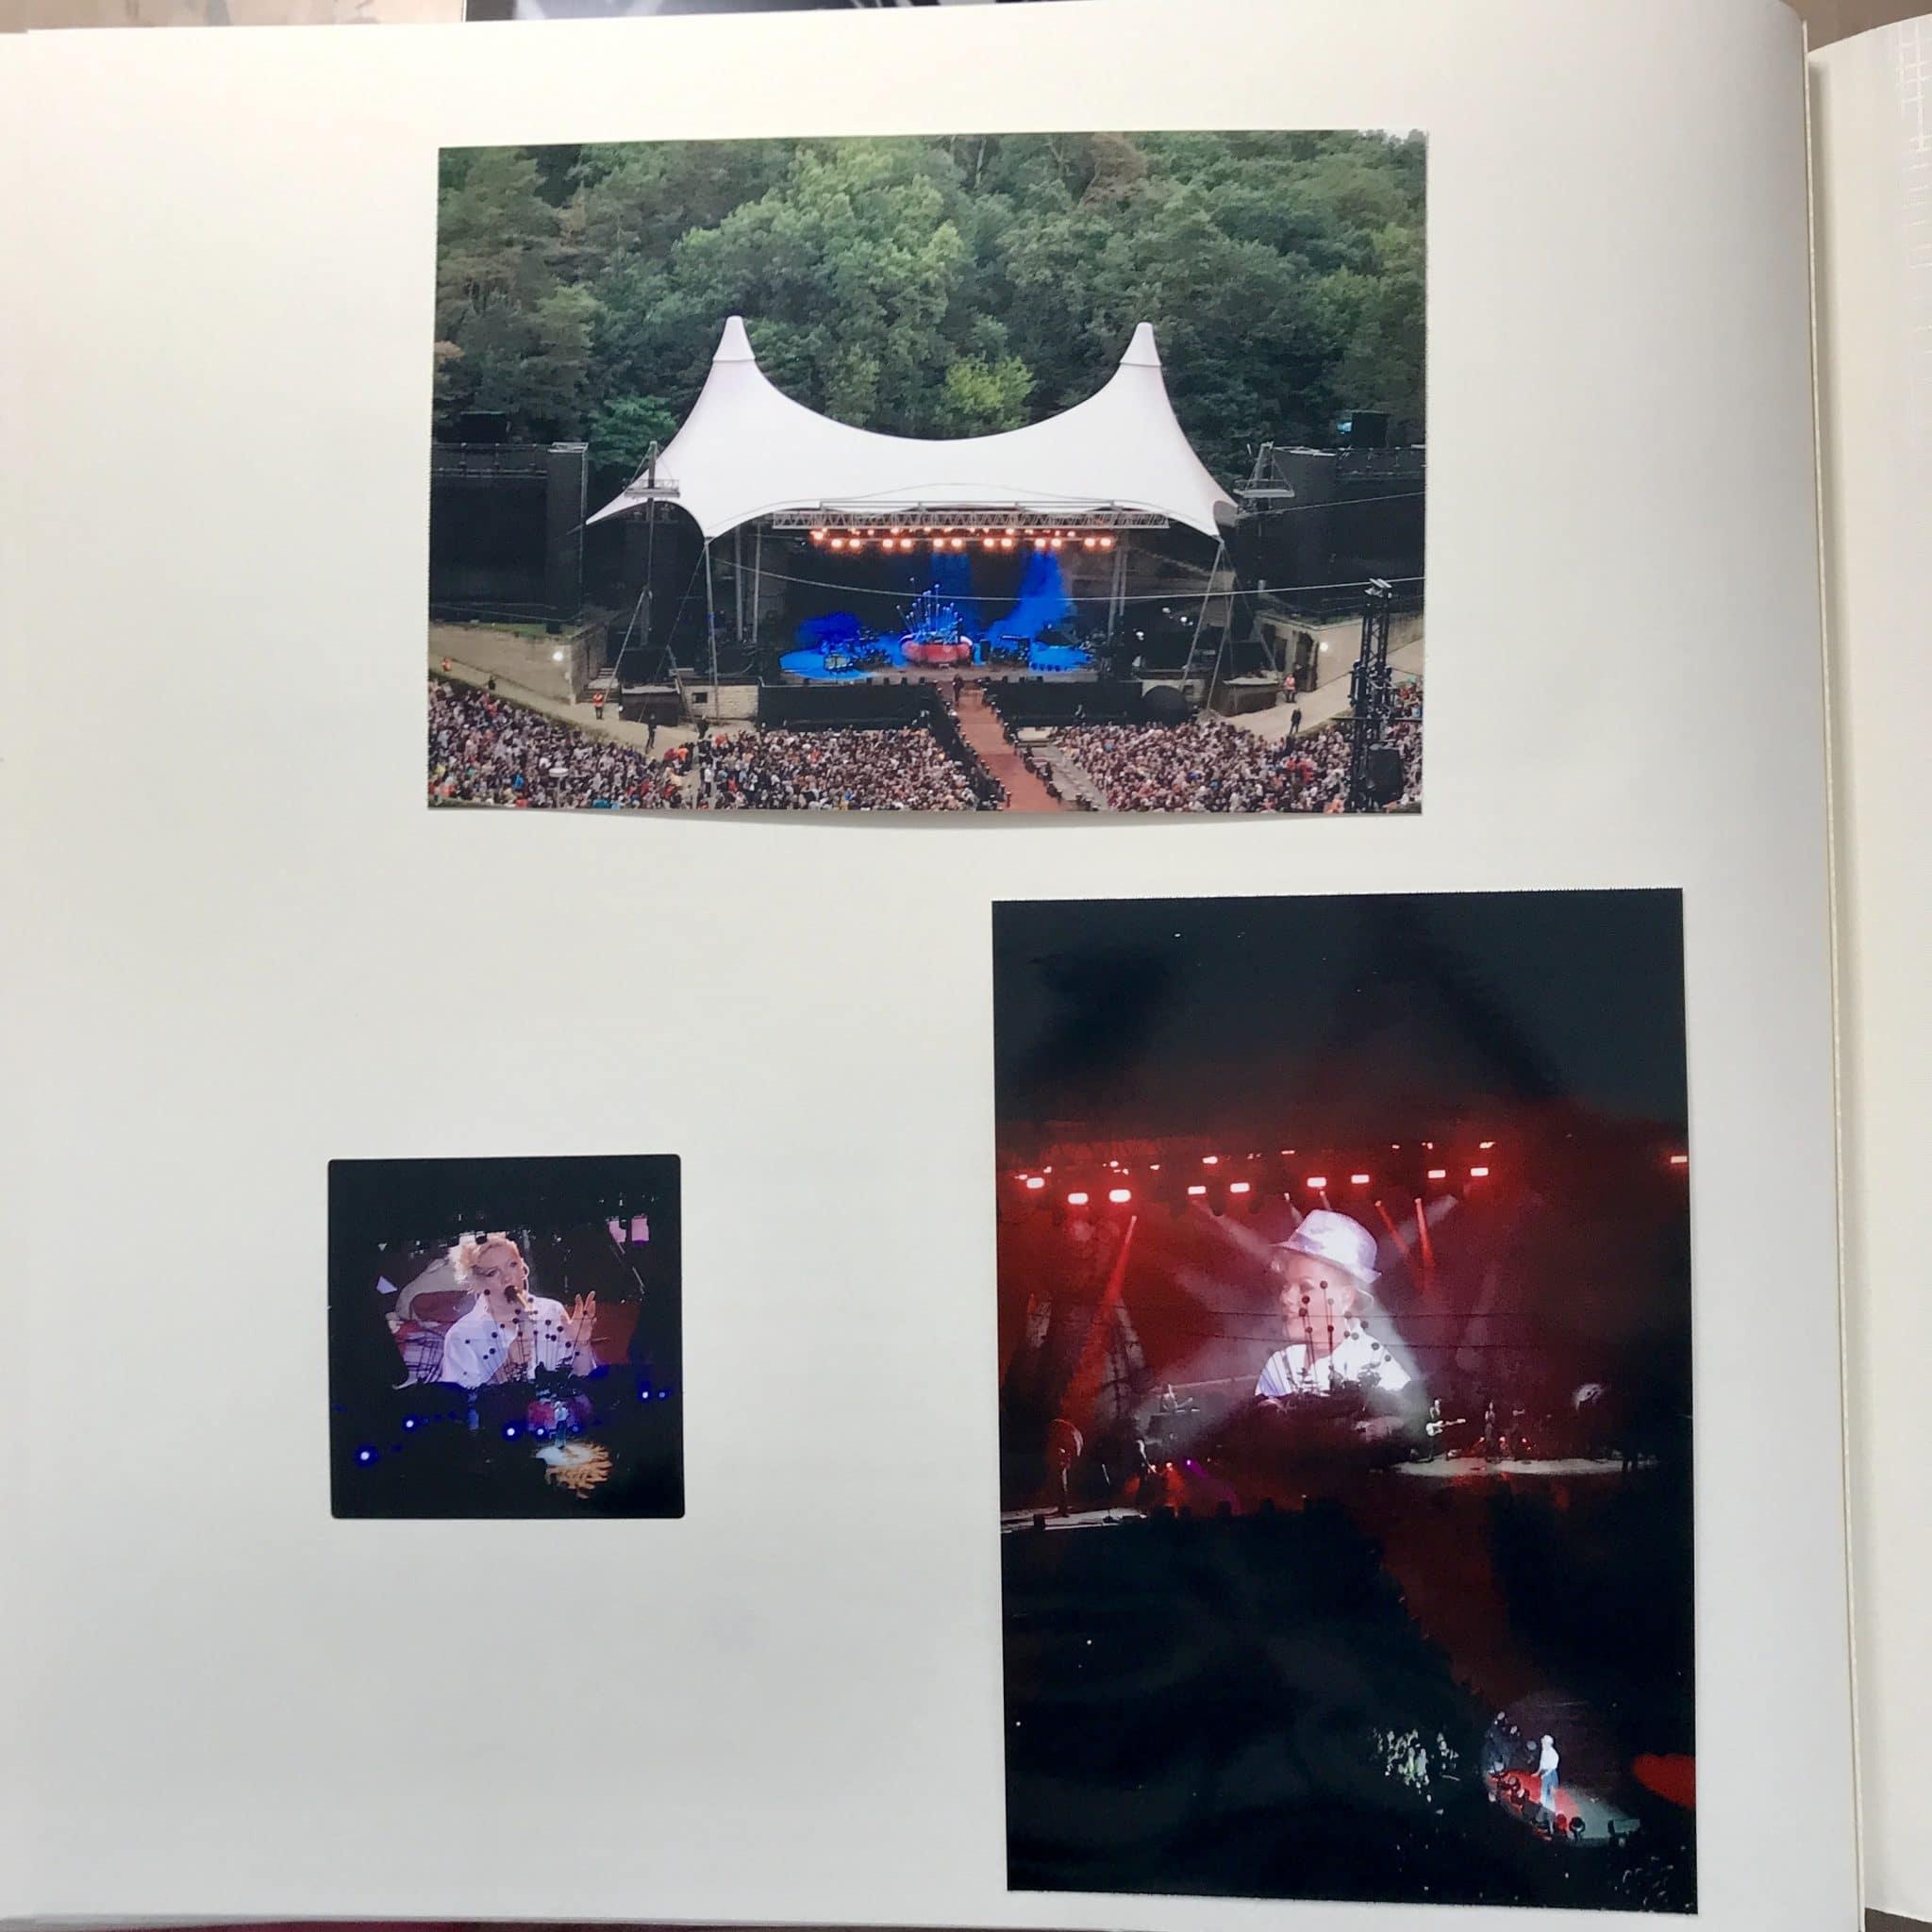 Drei Bilder, eines zeigt die Bühne bei Tageslicht, dann noch zwei Großaufnahmen von P!nk